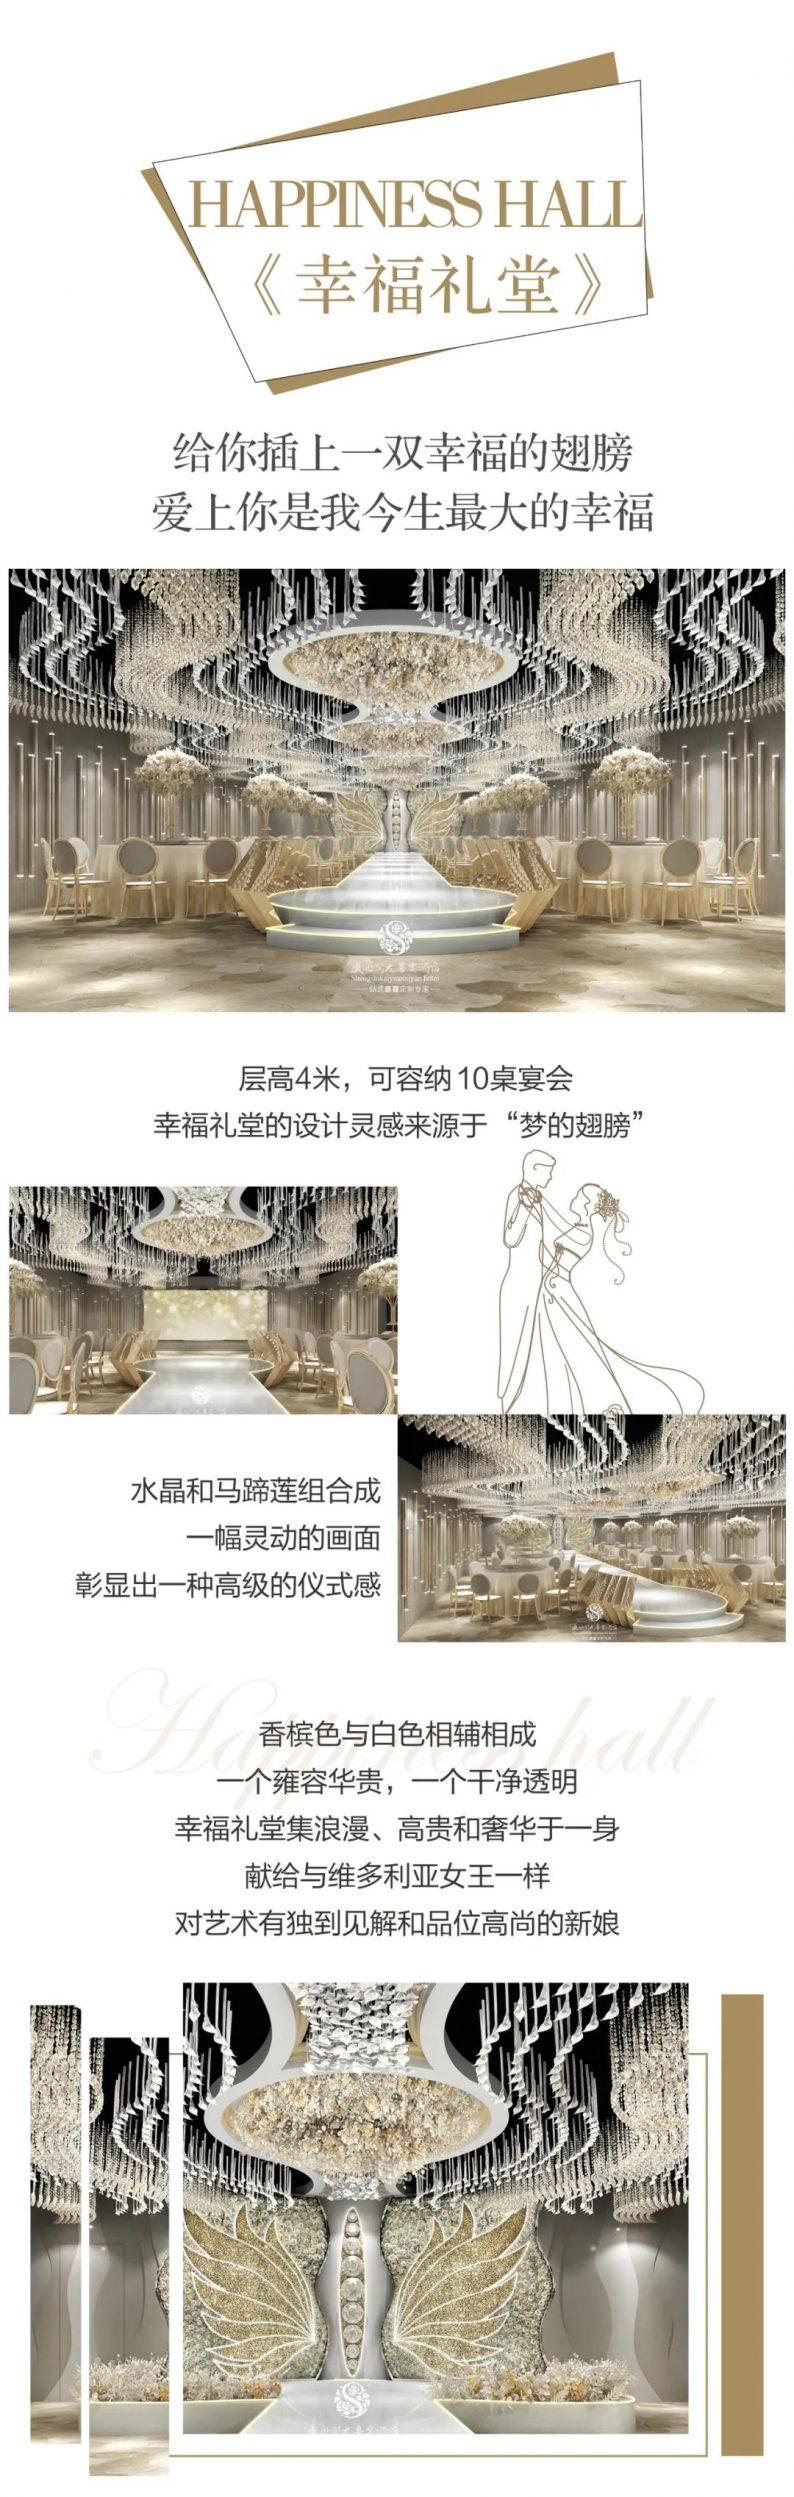 婚礼堂发布:徐丹设计!南阳首家百万级婚礼堂  第8张